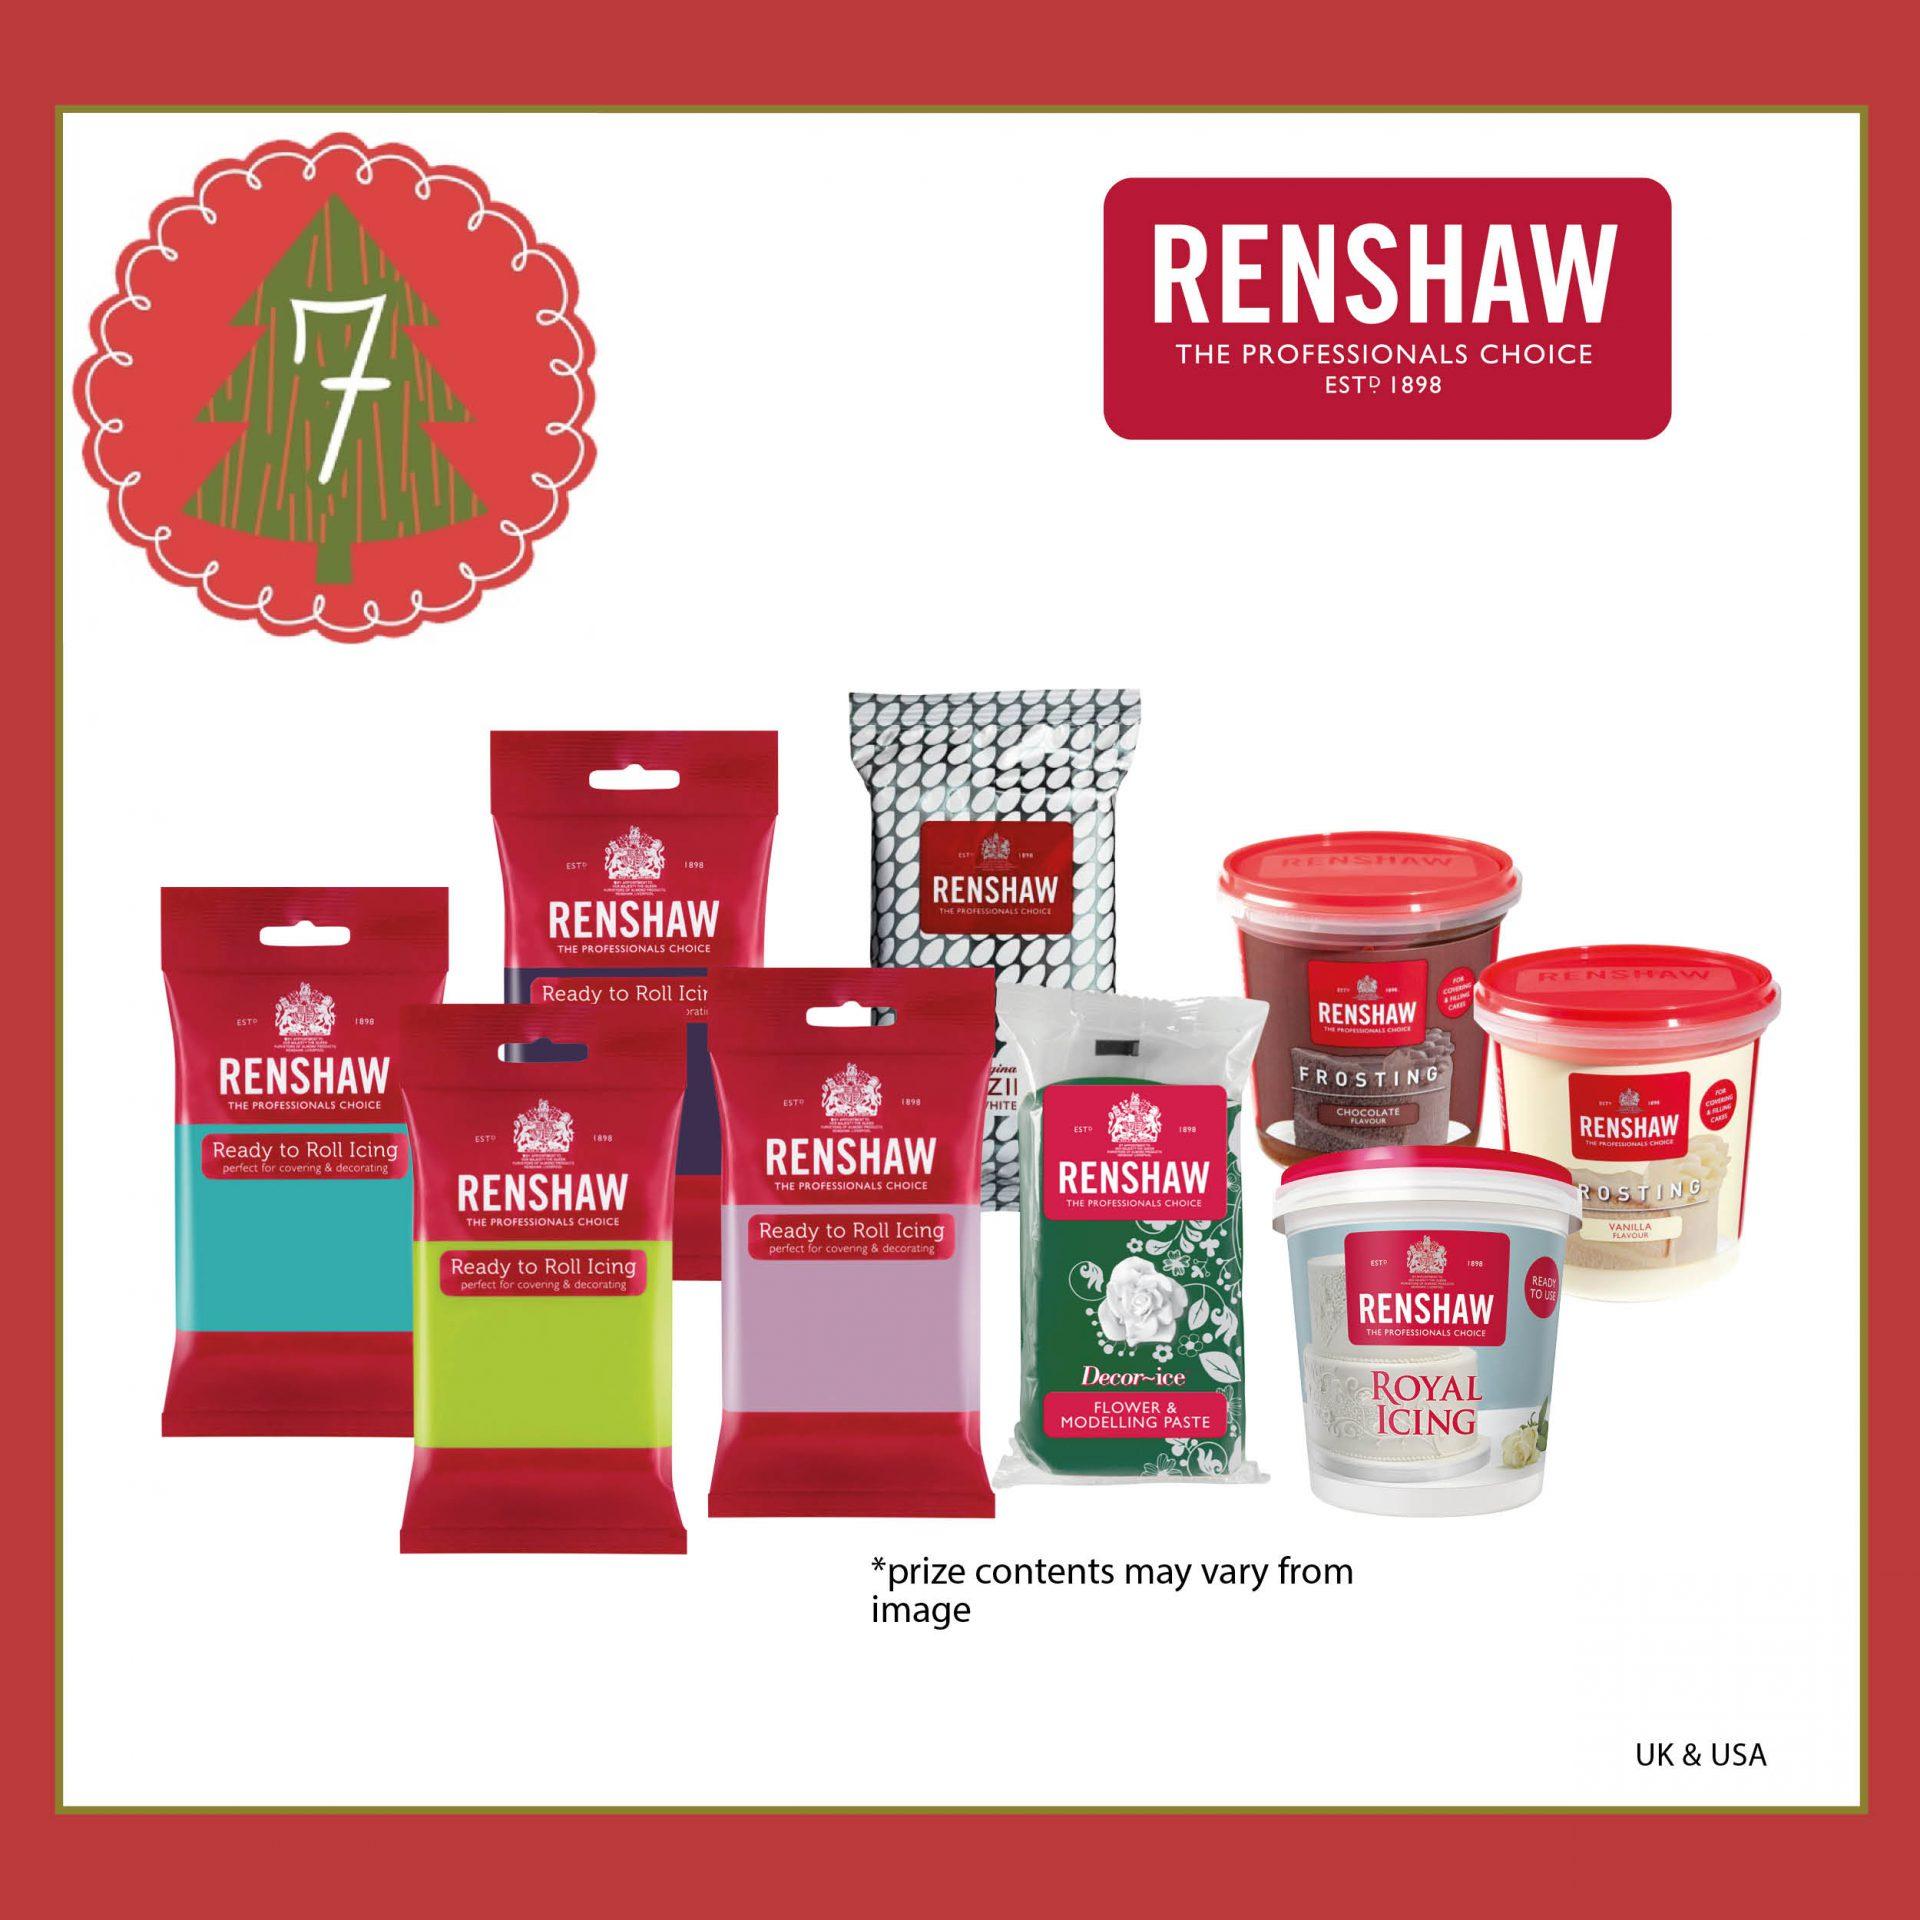 7th-december-renshaw